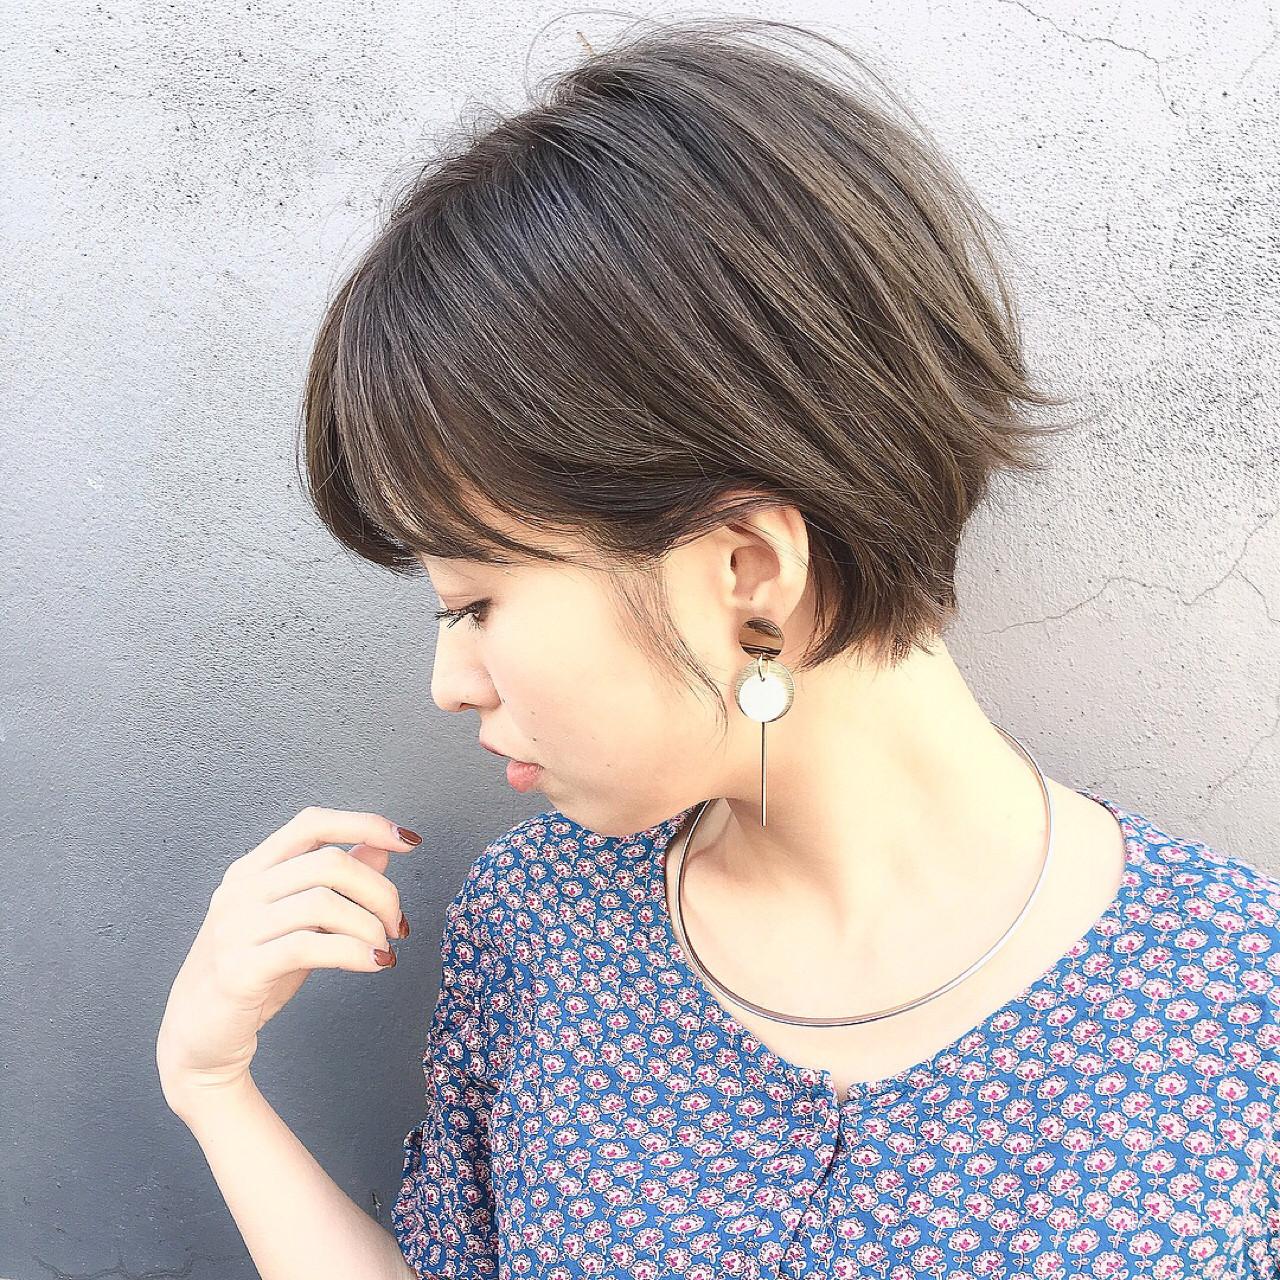 ヘアアレンジ こなれ感 ショート ナチュラル ヘアスタイルや髪型の写真・画像 | ショートボブの匠【 山内大成 】『i.hair』 / 『 i. 』 omotesando